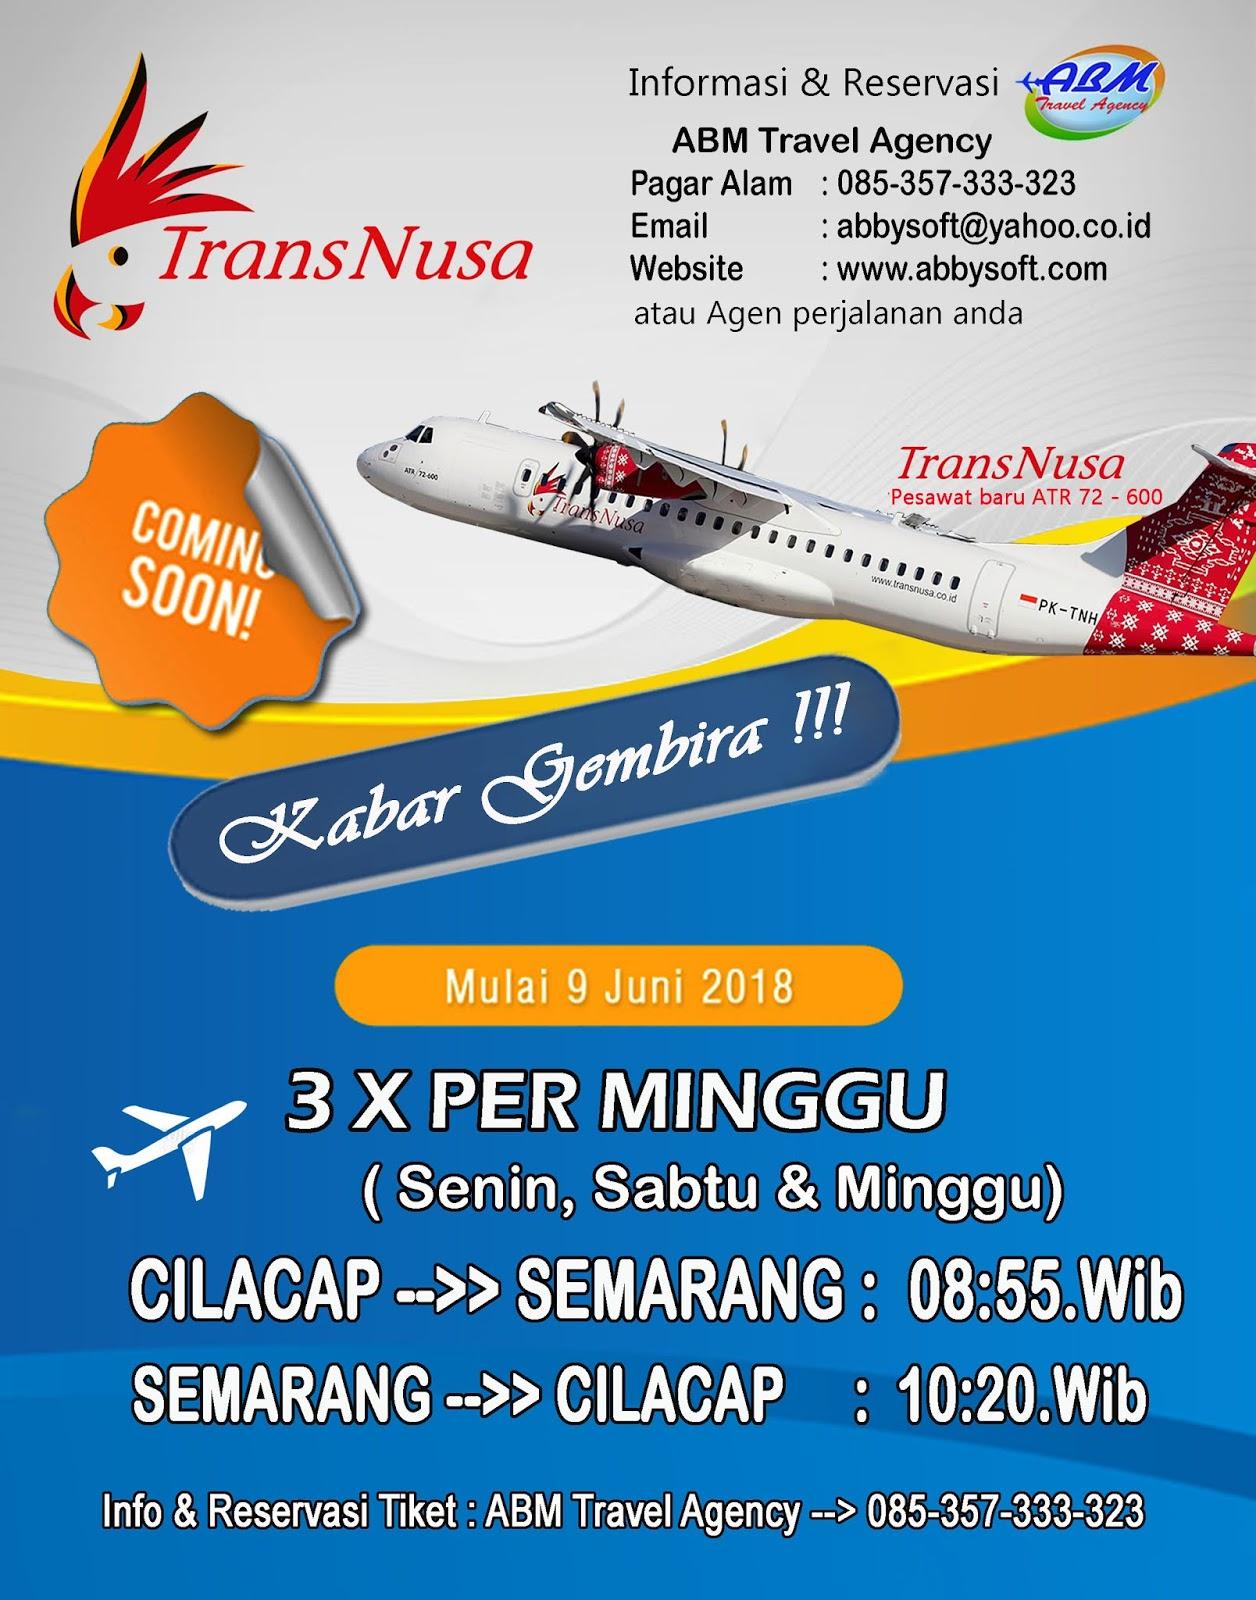 Maskapai penerbangan Trans Nusa bakal meramaikan pelayanan penerbangan di Bandara Udara Tunggul Wulung Cilacap Penerbangan perdana pesawat ini akan dimulai